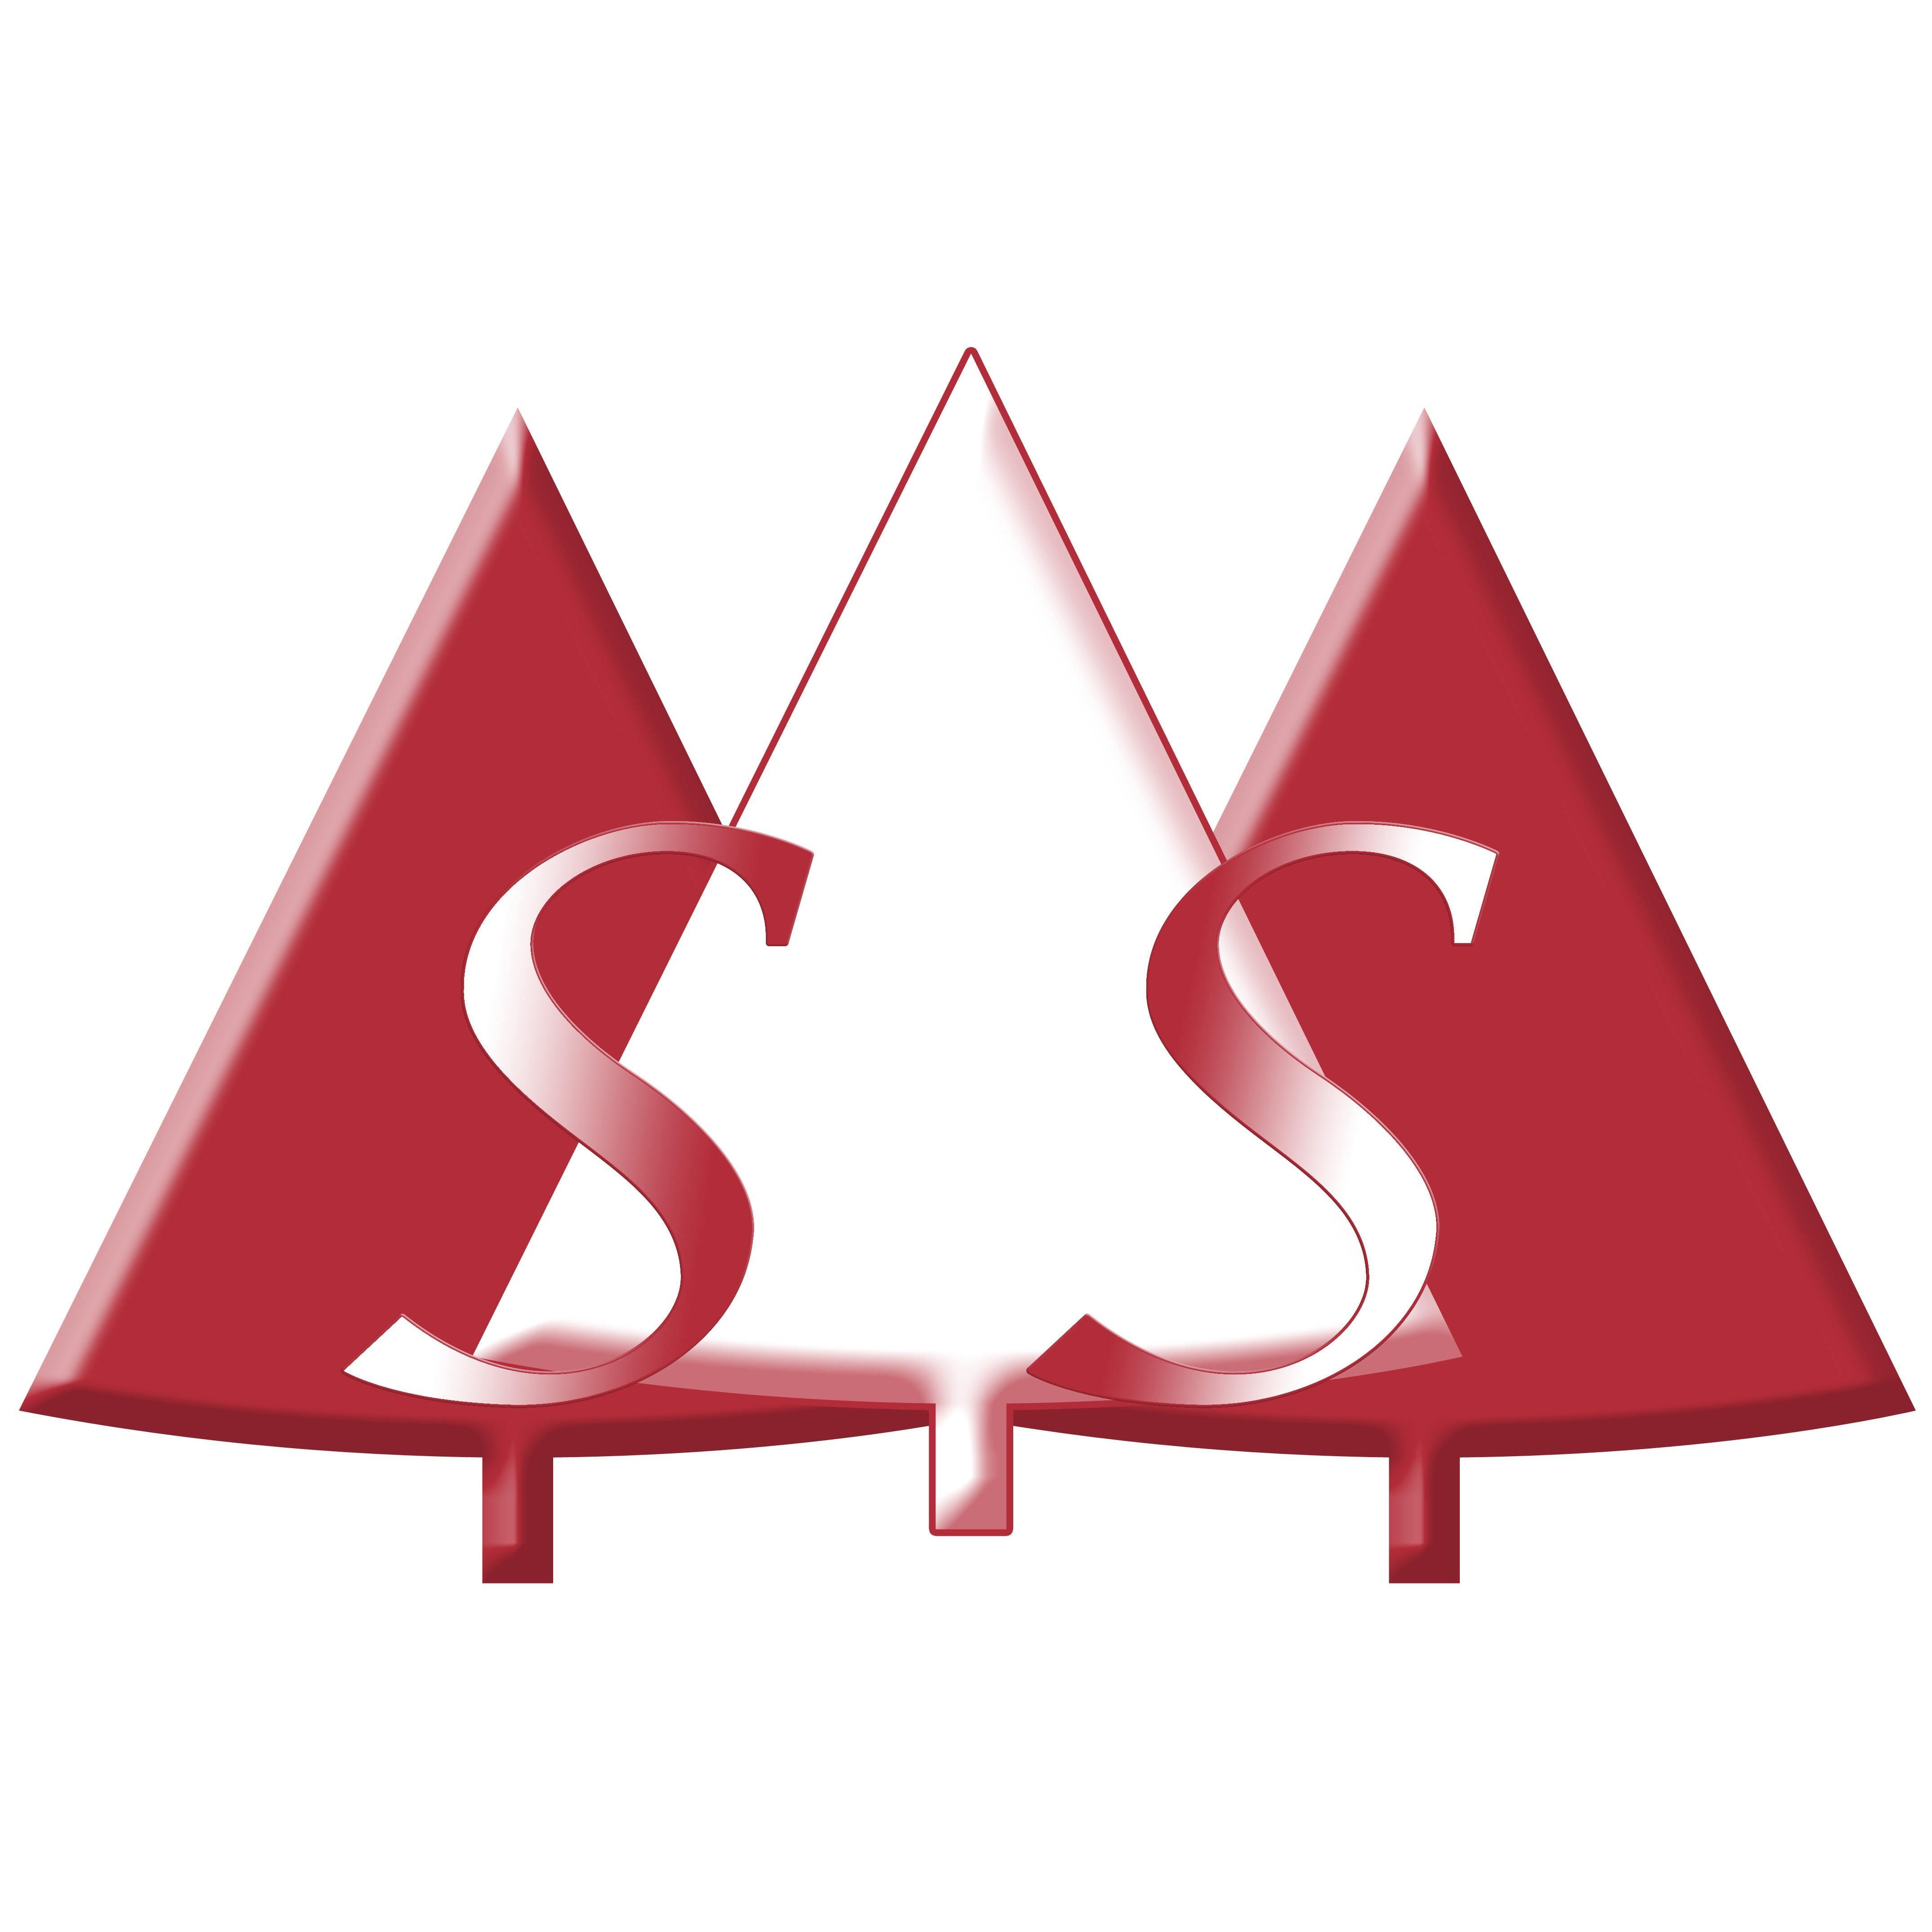 Superiorscape Inc